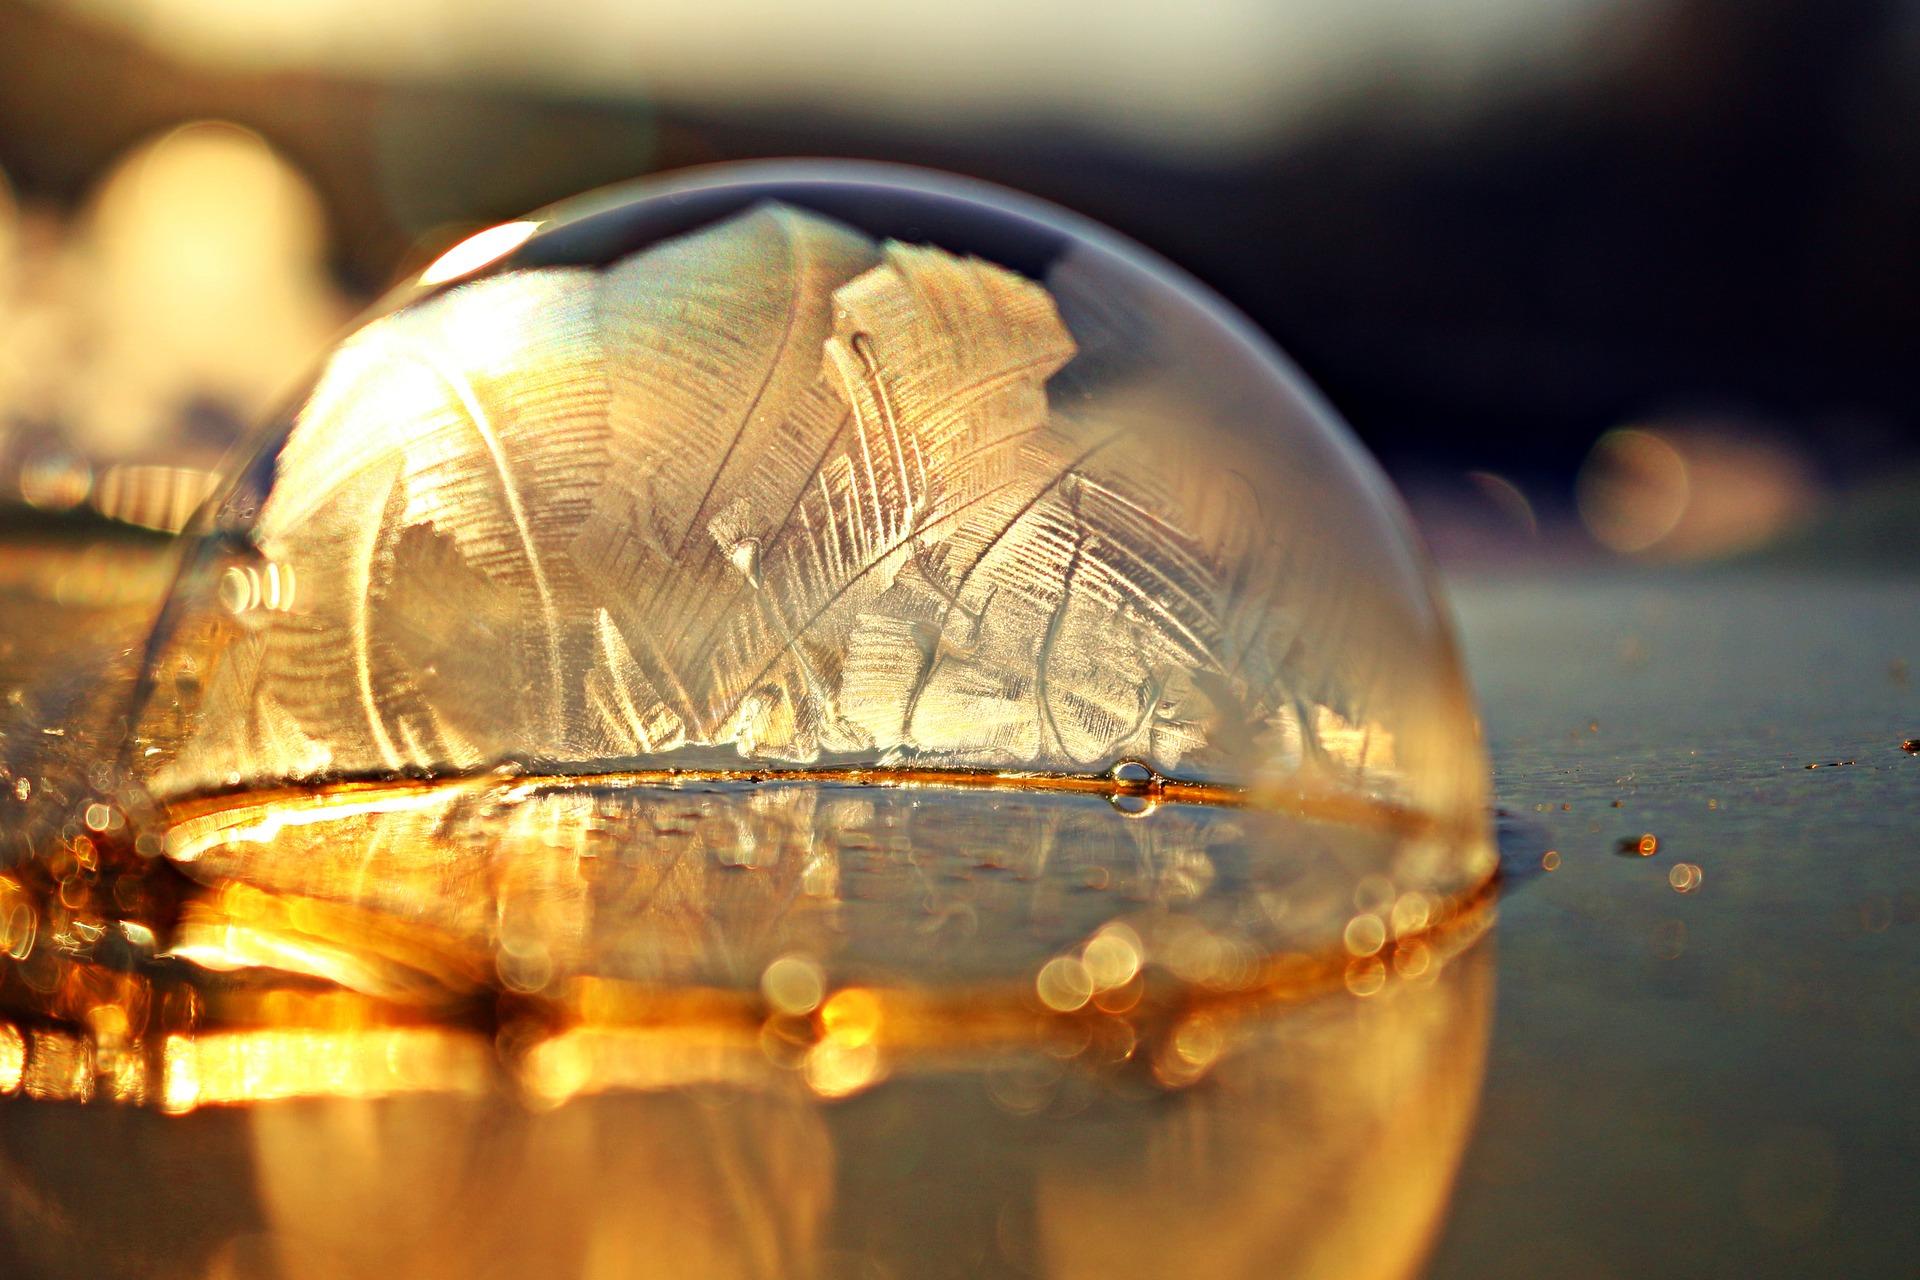 soap-bubble-1983926_1920